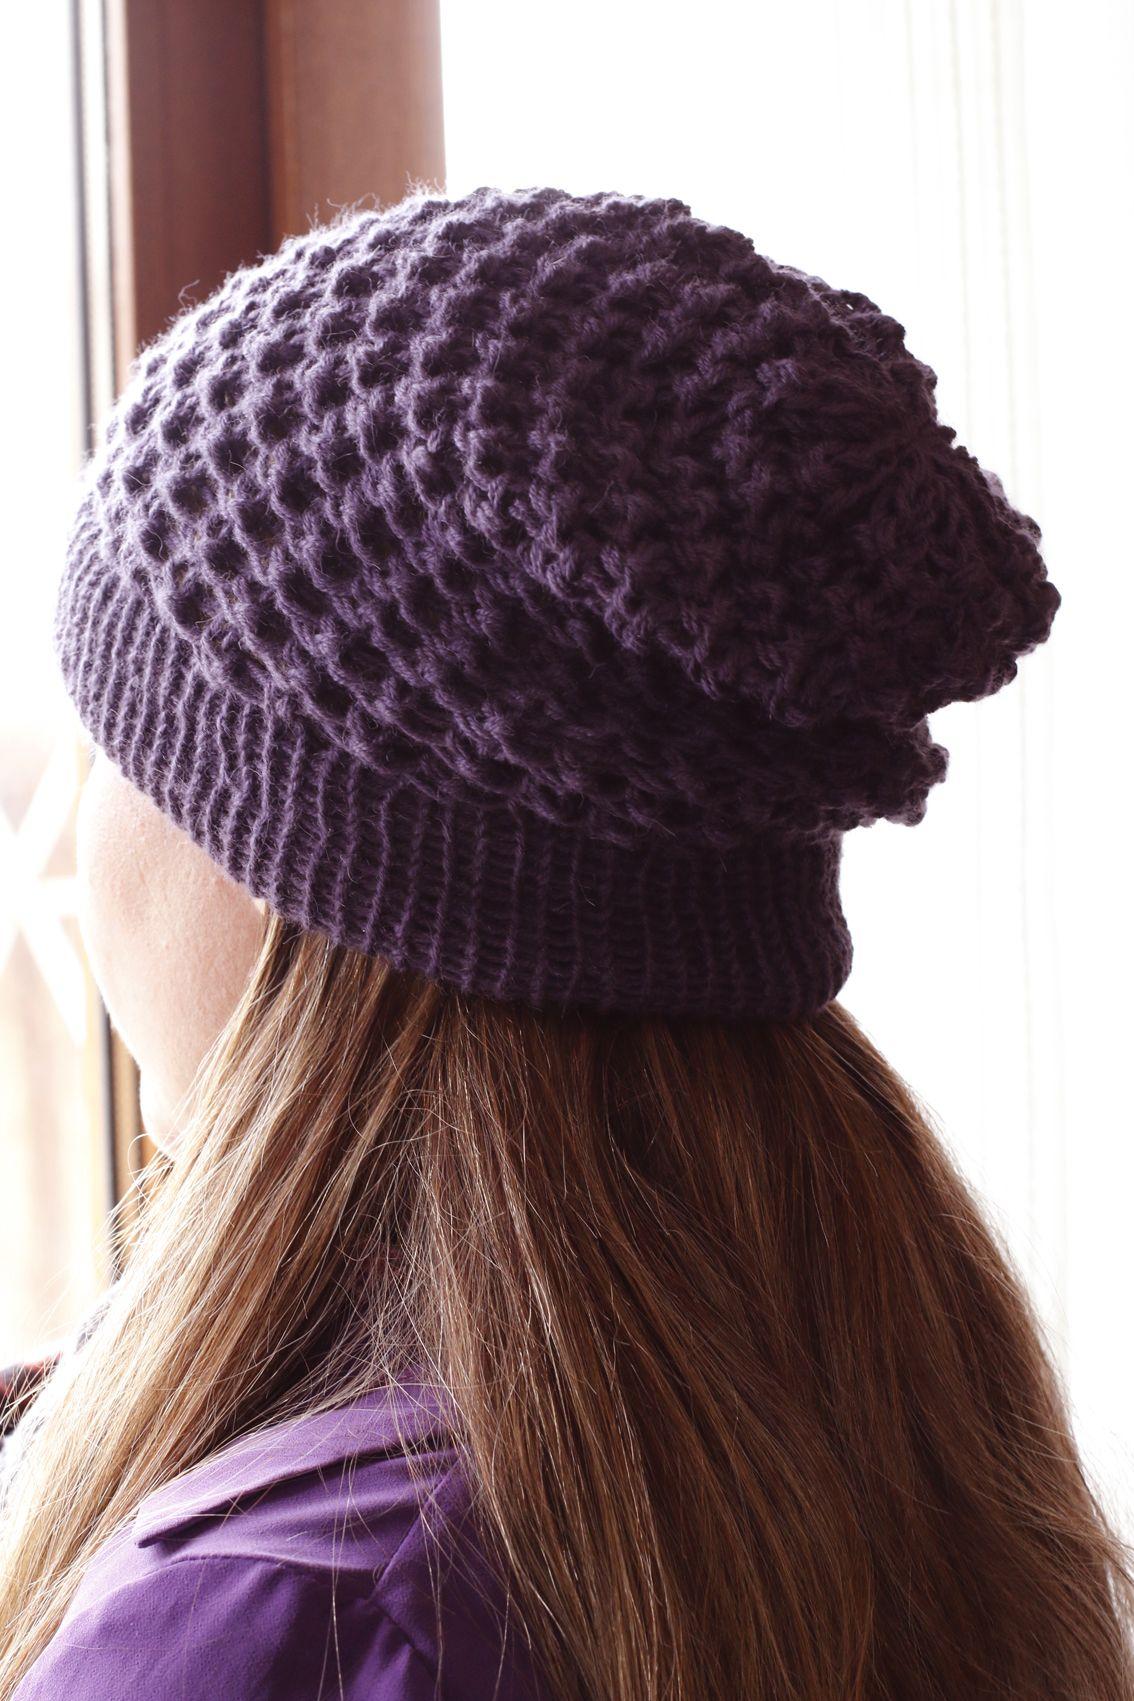 Pin de Ani Bazan en Crochet gorros adultos  3e1f64c357d